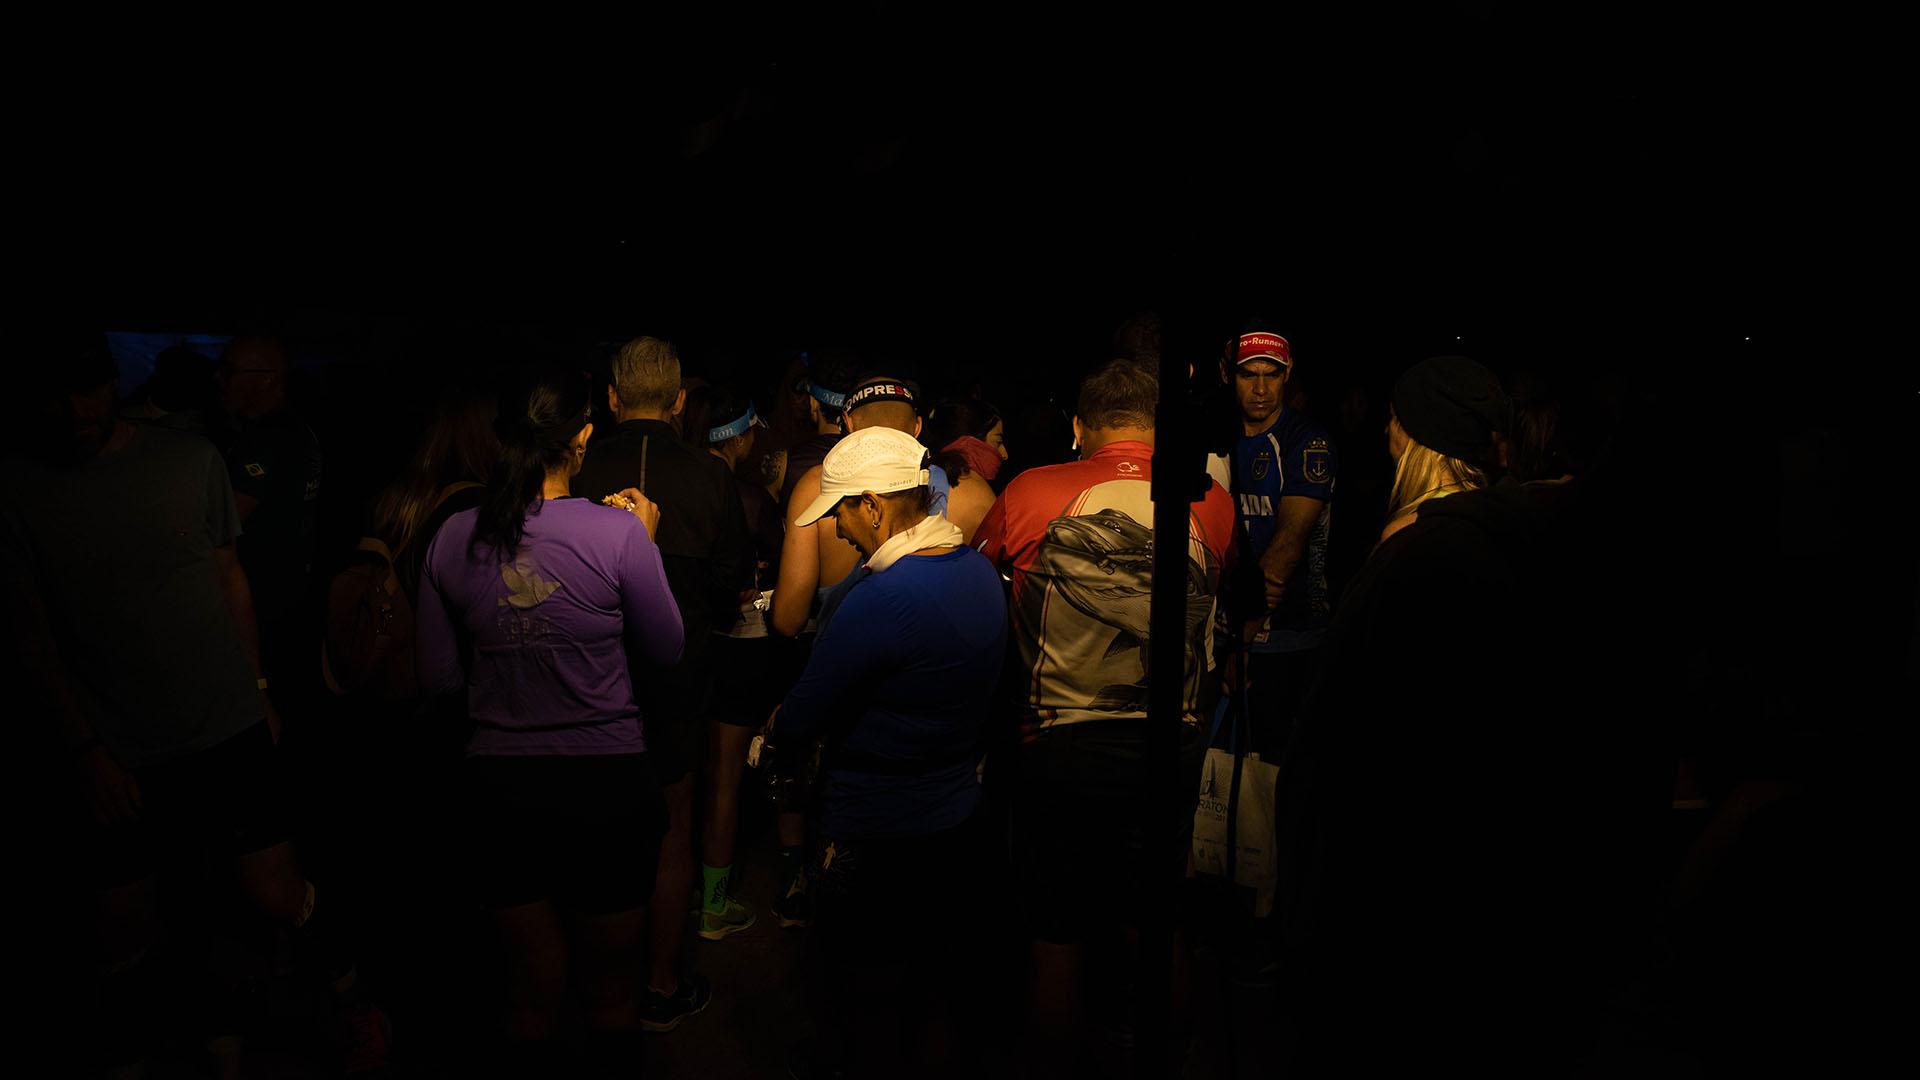 Algunos de los competidores llegaron a la zona de salida antes de que amanezca